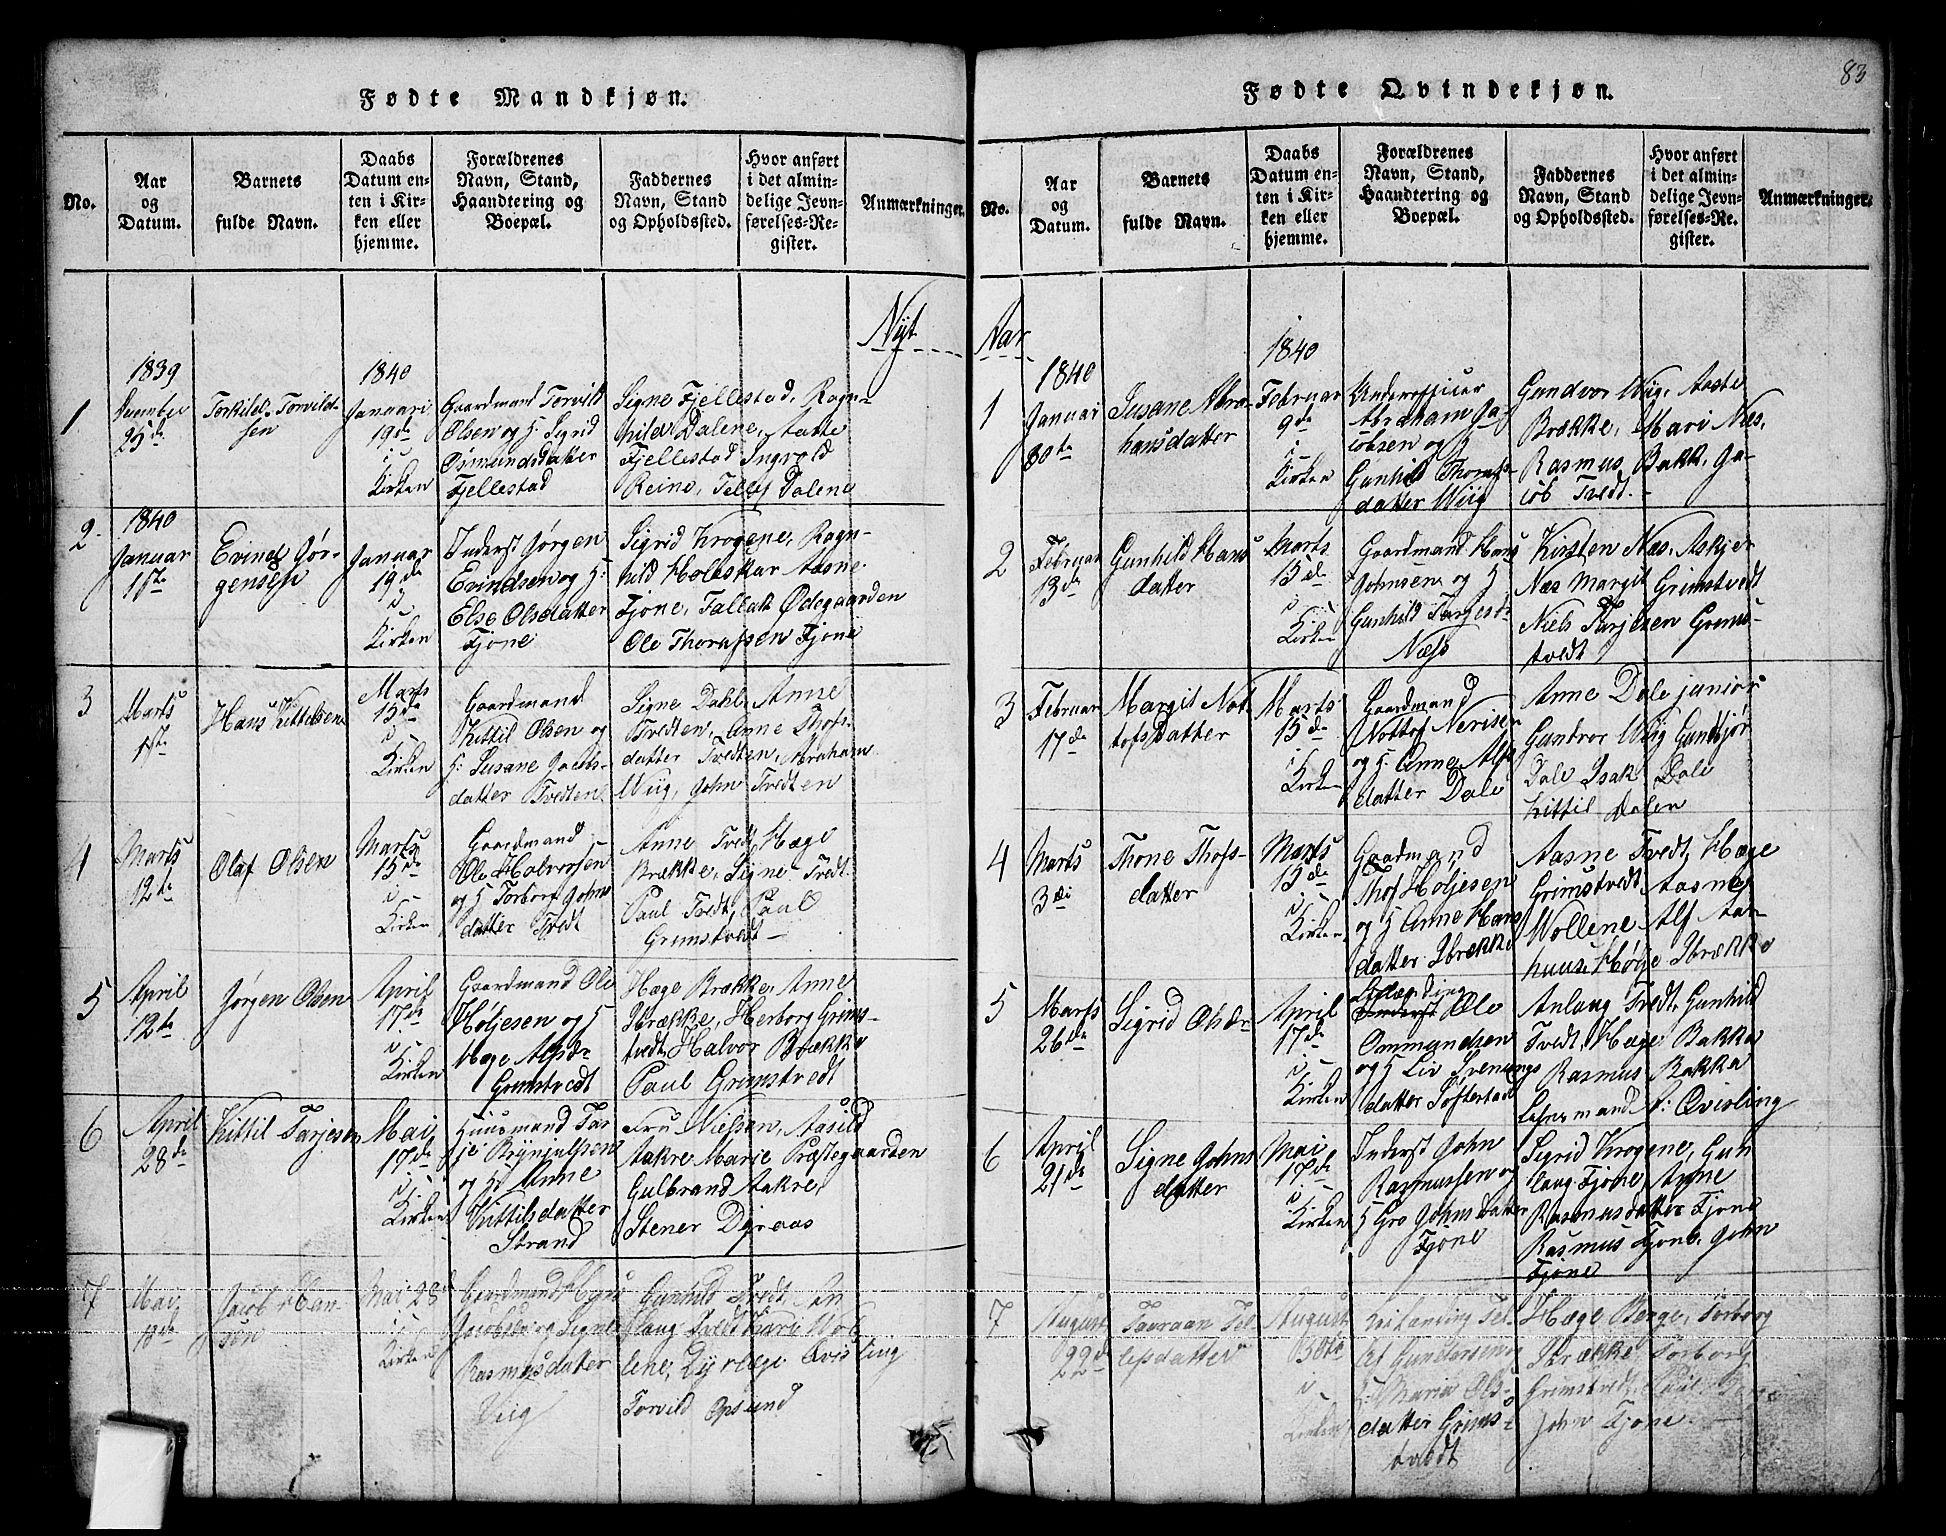 SAKO, Nissedal kirkebøker, G/Ga/L0001: Klokkerbok nr. I 1, 1814-1860, s. 83